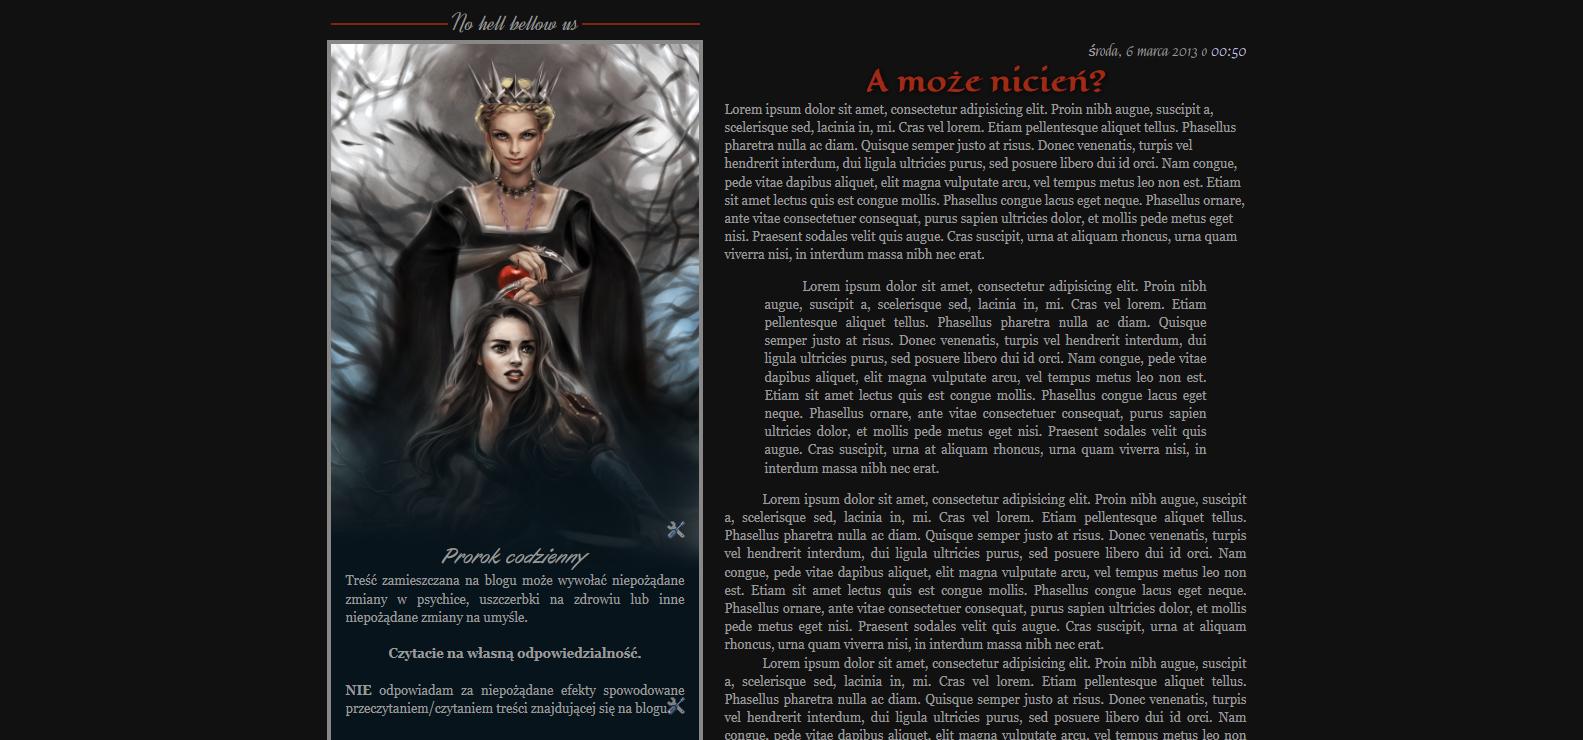 http://avia-tinar.deviantart.com/art/1497-Zatrute-serca-559105532